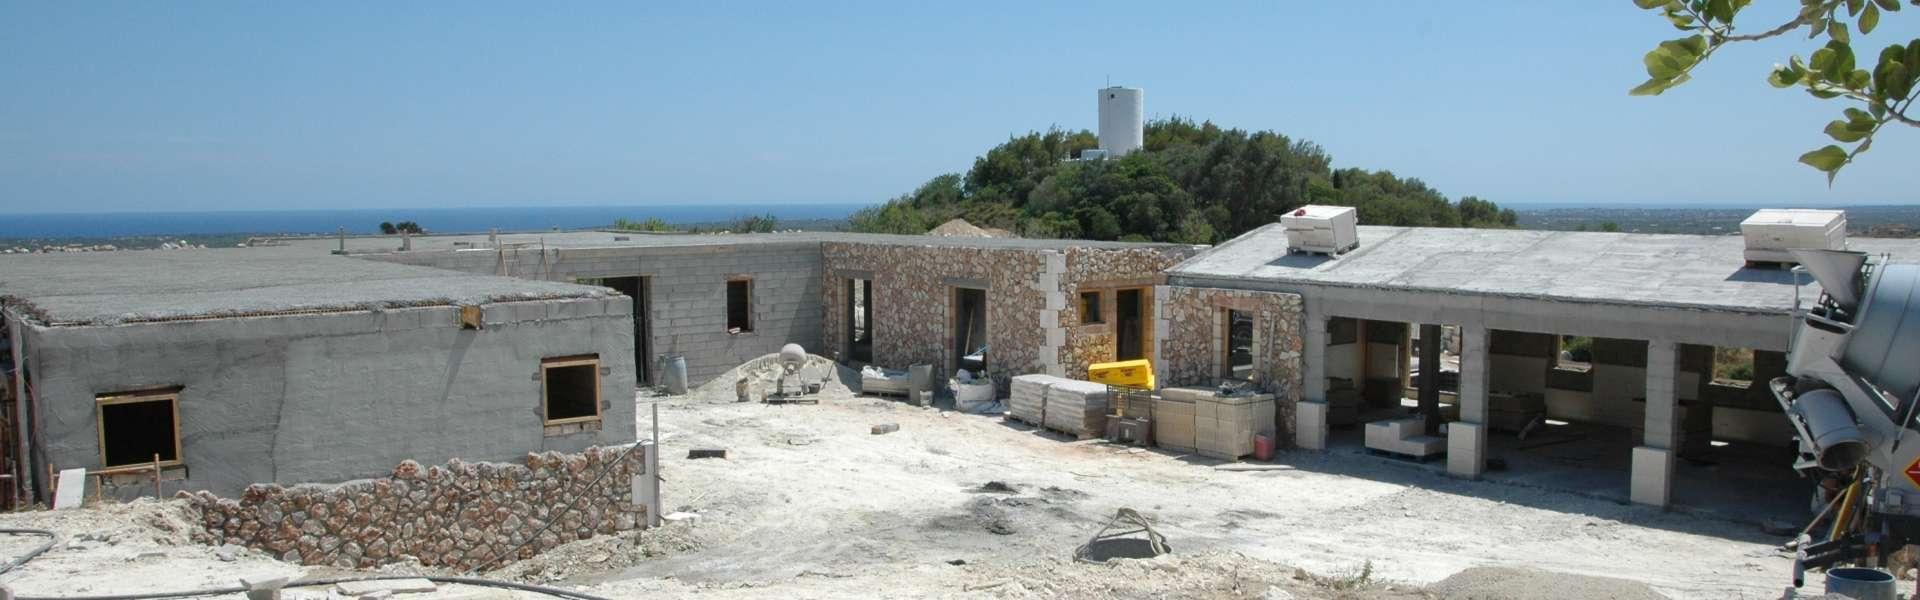 Montemar S.L. - Bauprojekte auf Mallorca für Ihre Traumimmobilie